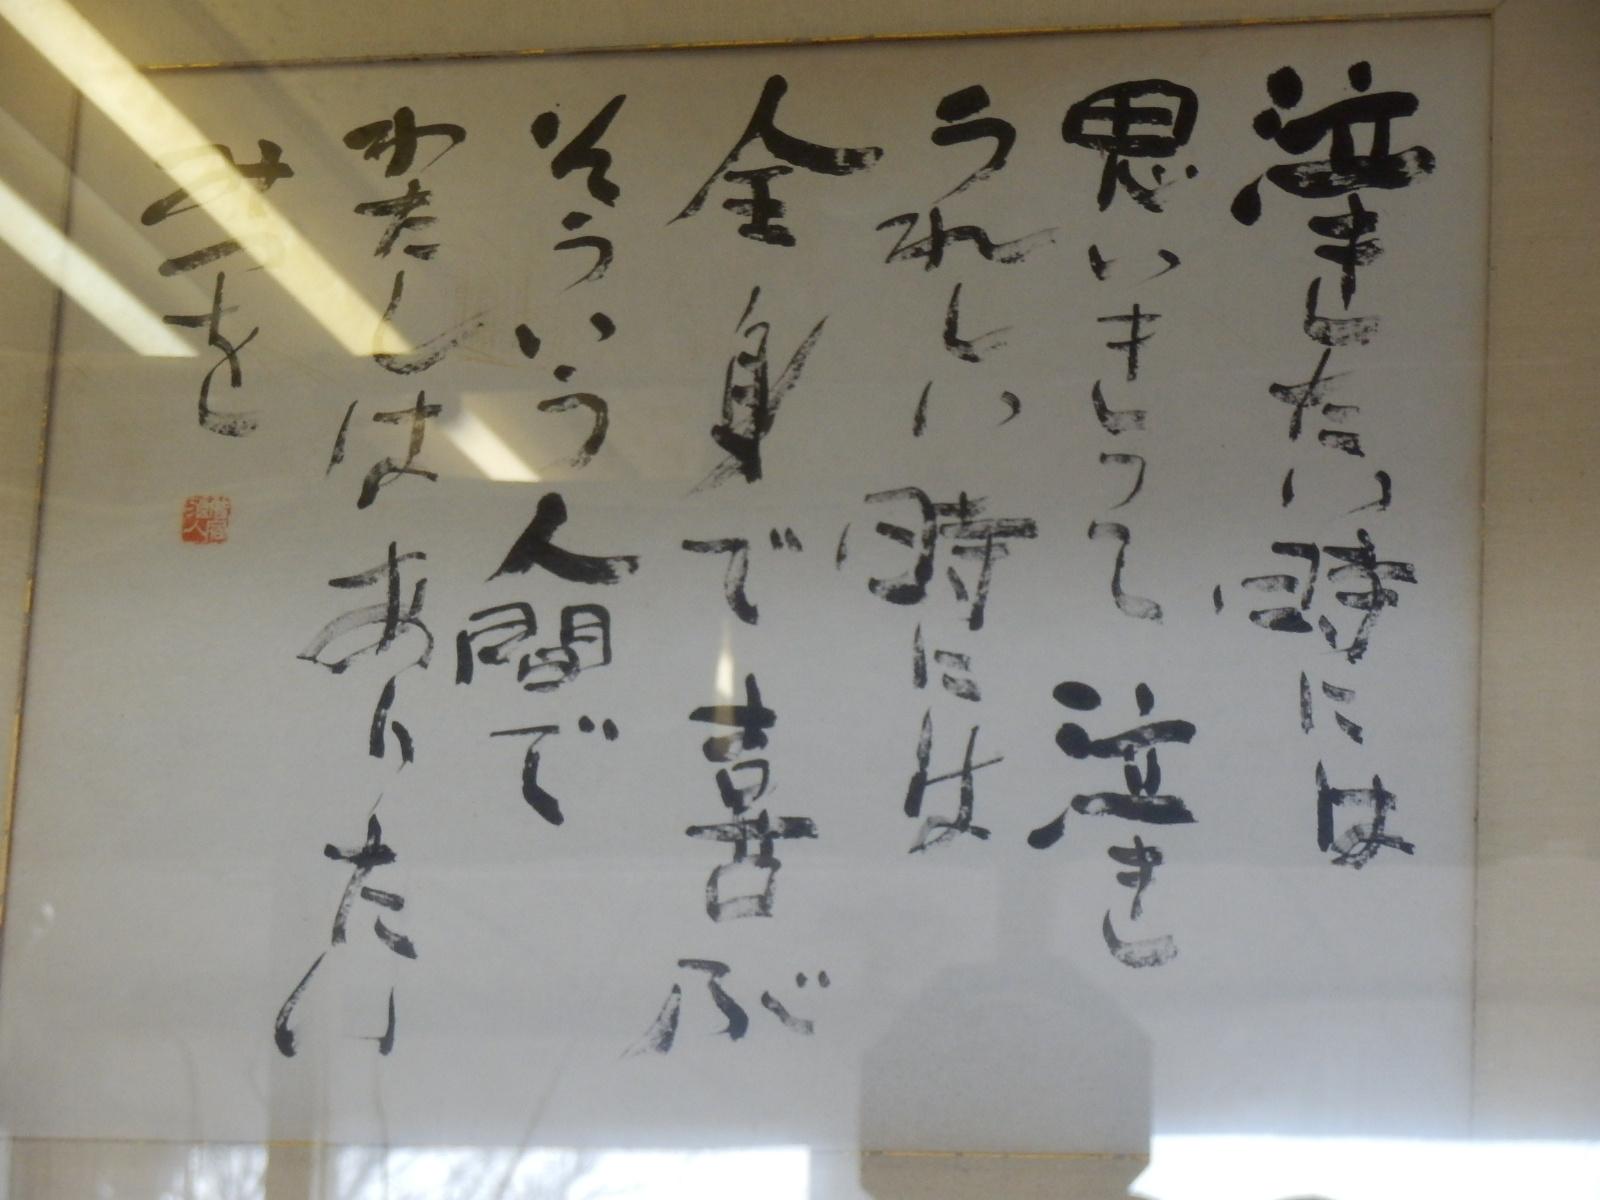 地元ならでは 相田みつをさん未発表 作品 青空レトロ雑貨店